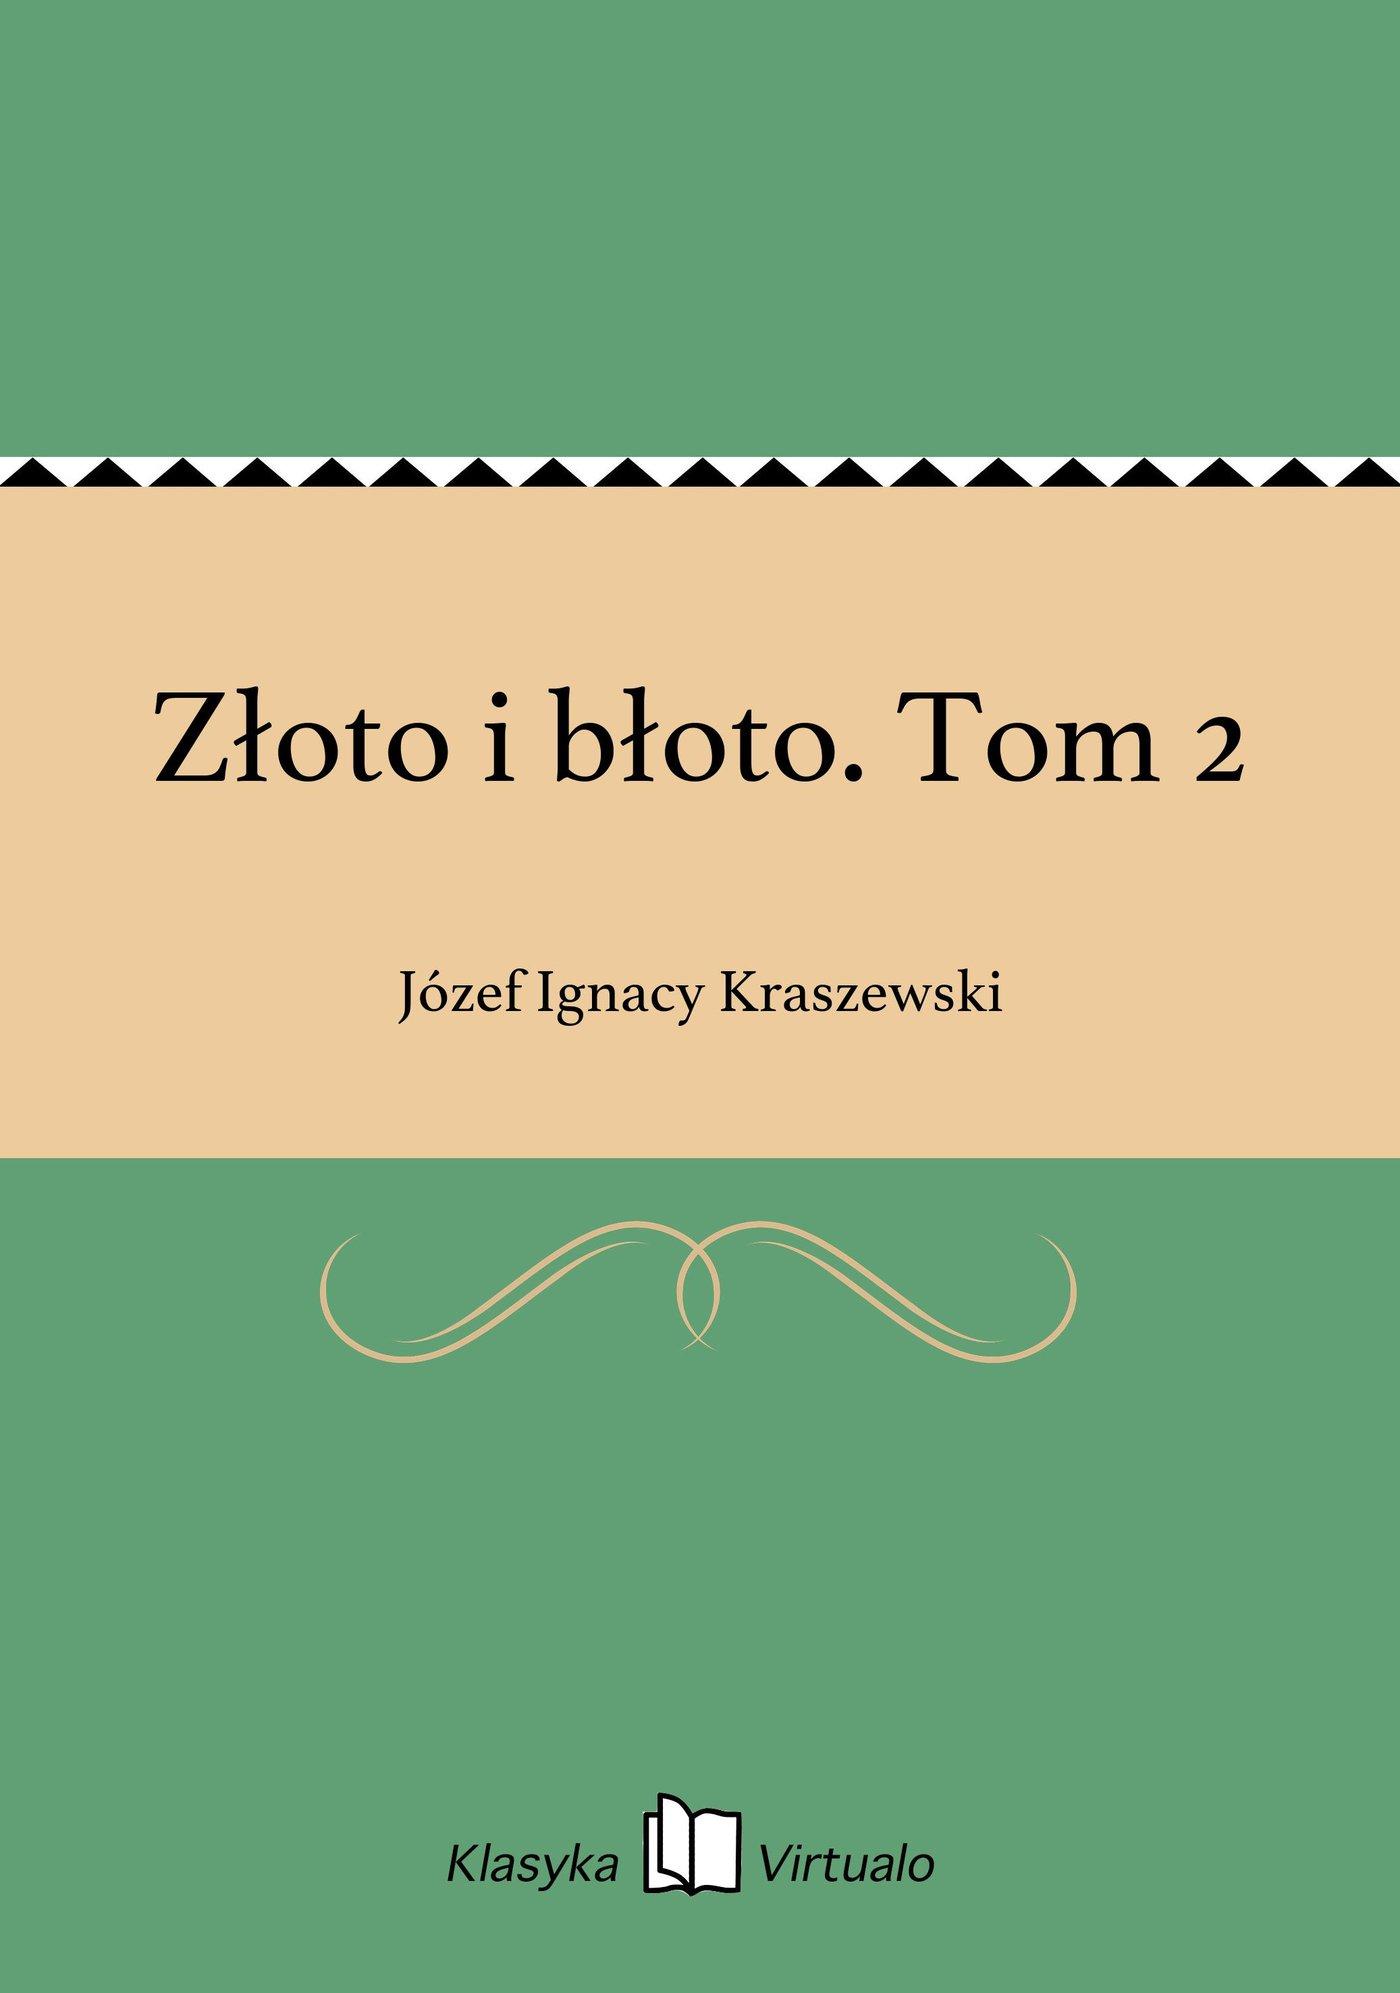 Złoto i błoto. Tom 2 - Ebook (Książka EPUB) do pobrania w formacie EPUB